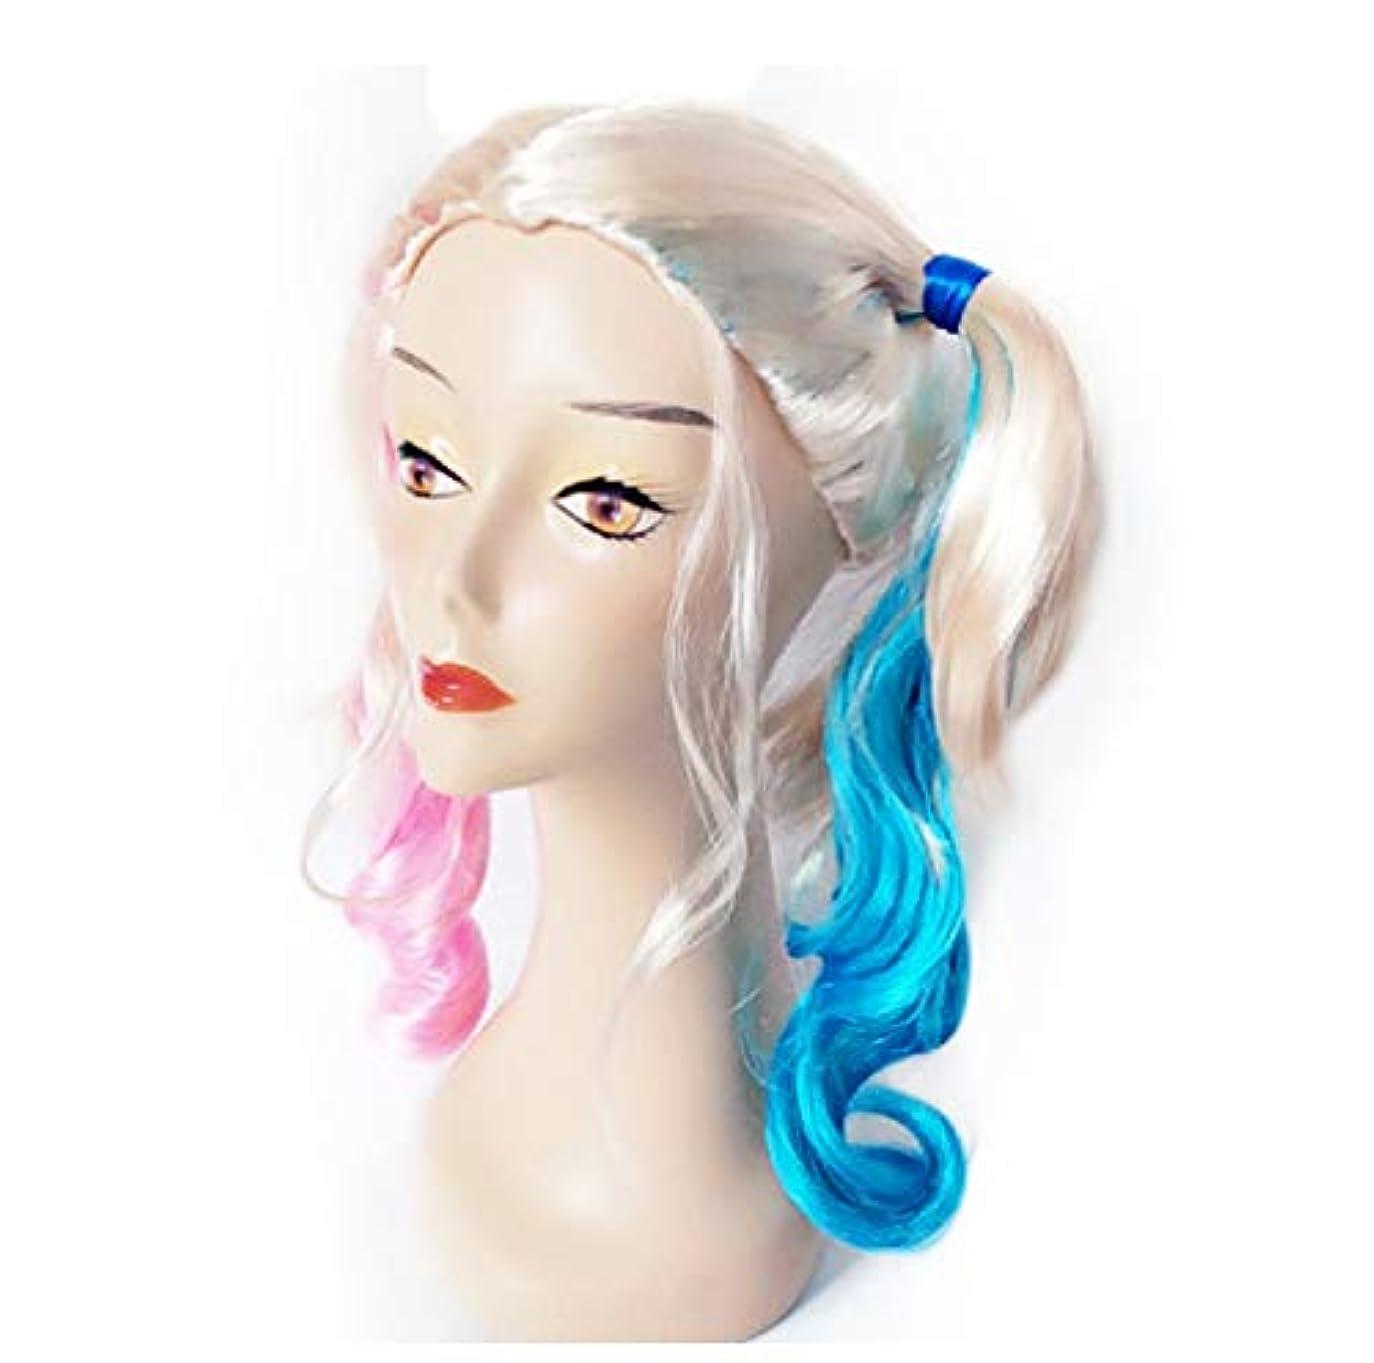 地震観察ハング女性ピエロウィッグフォームサーカスコミック鼻マスクパーティー用品コスプレ衣装マジックドレスパーティー用品ハロウィントリックパーティーの好意